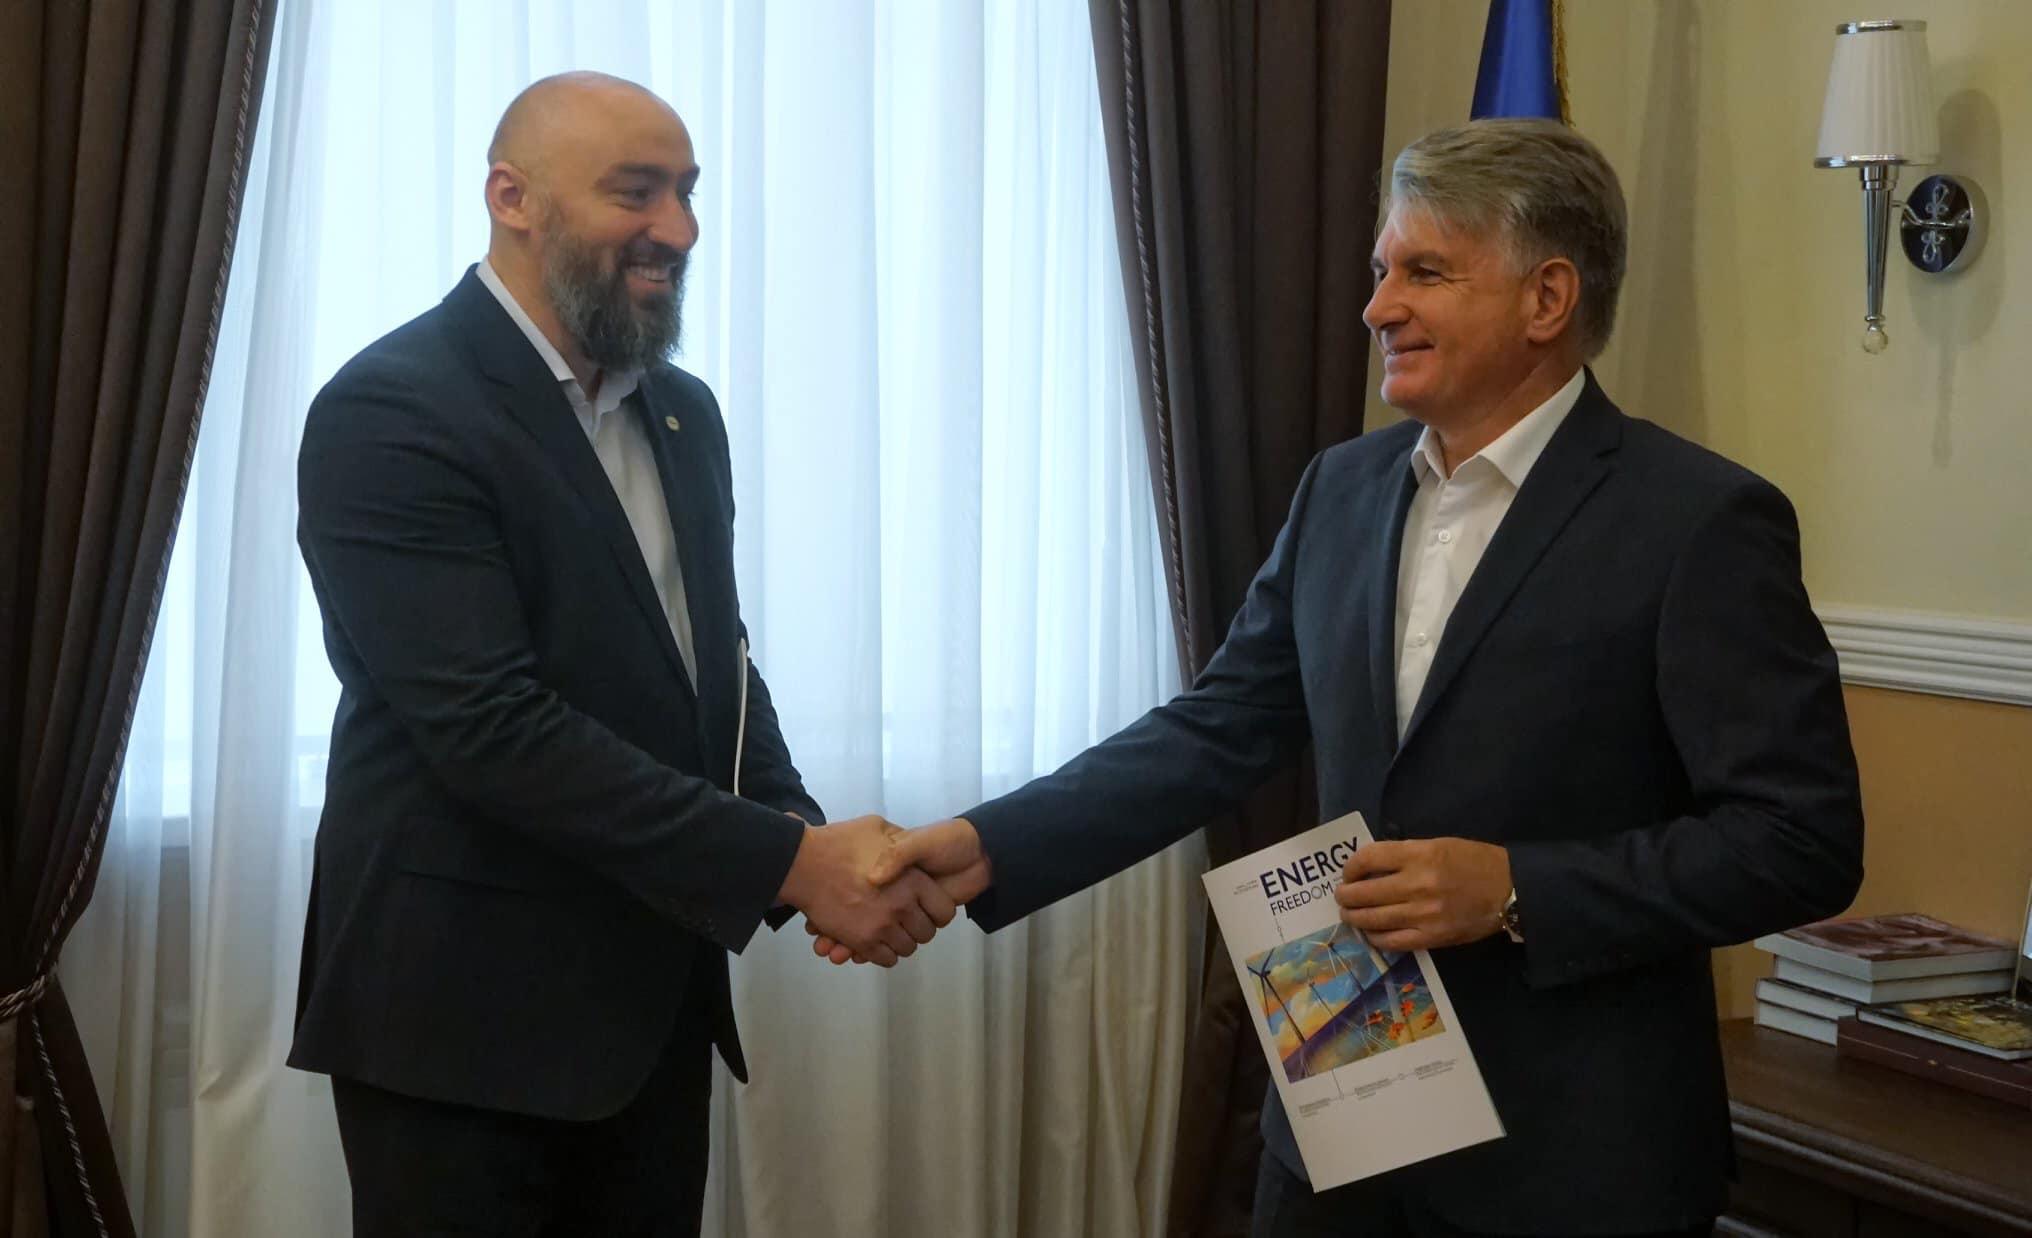 Держгеонадра та Energy Club підписали меморандум про взаєморозуміння та співпрацю.